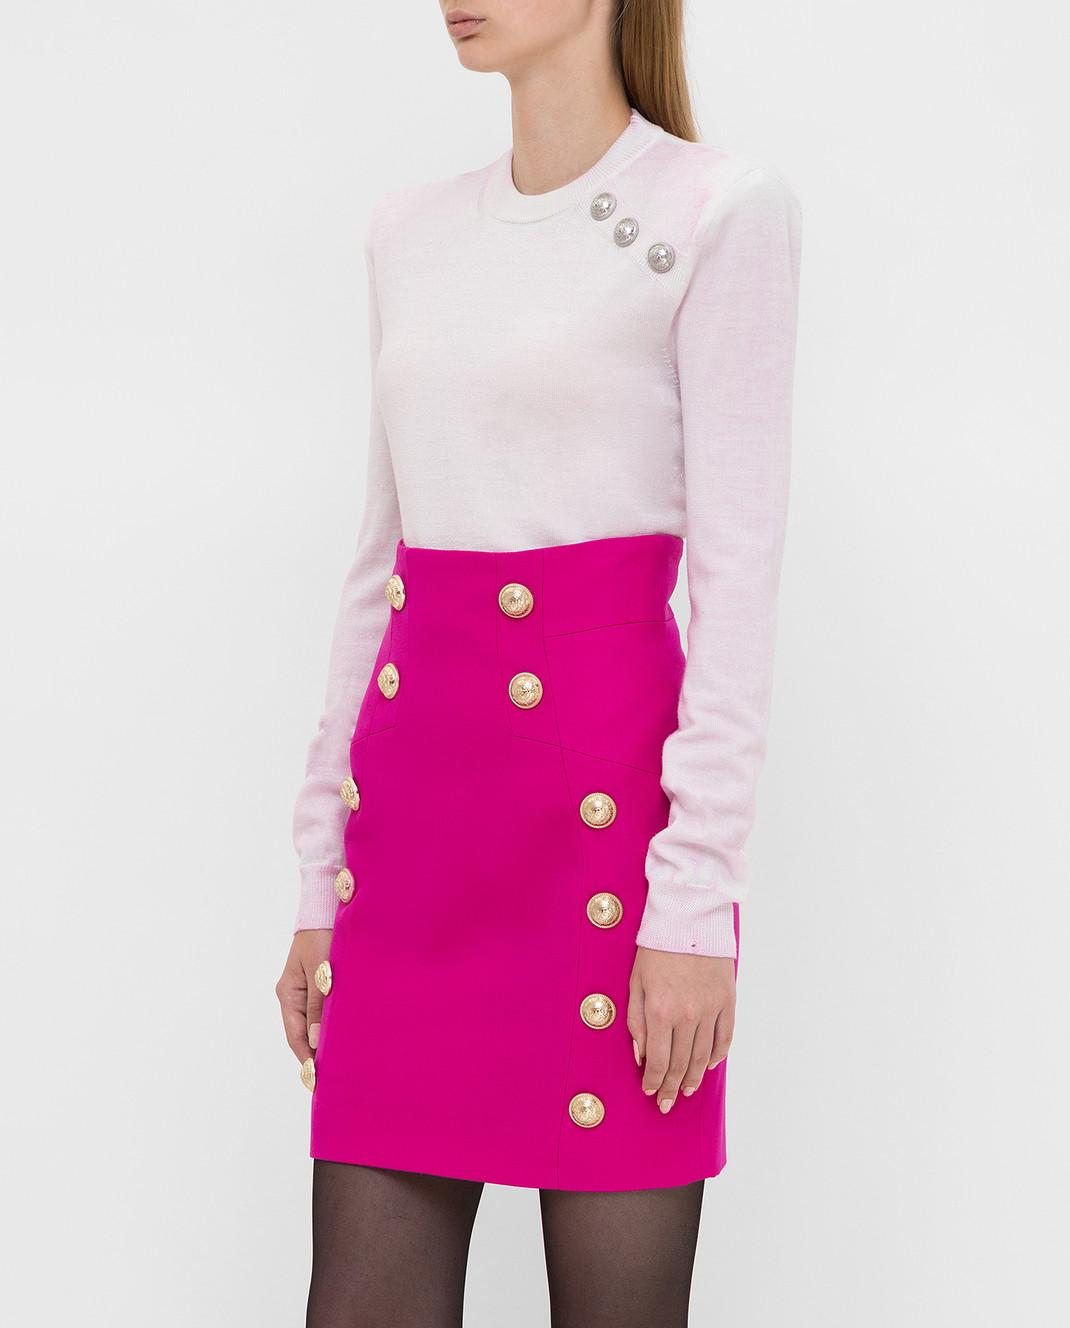 Balmain Светло-розовый свитер из шерсти изображение 3